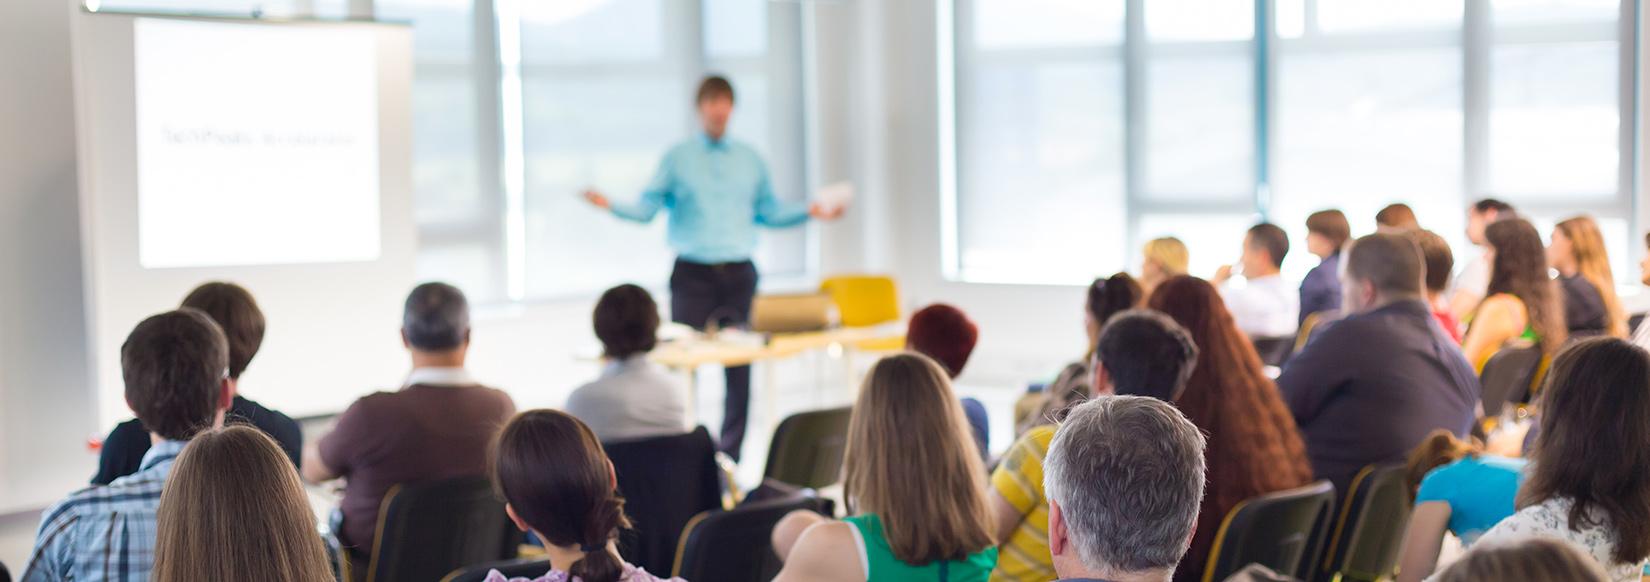 organiser-un-seminaire-entreprise-bordeaux-33